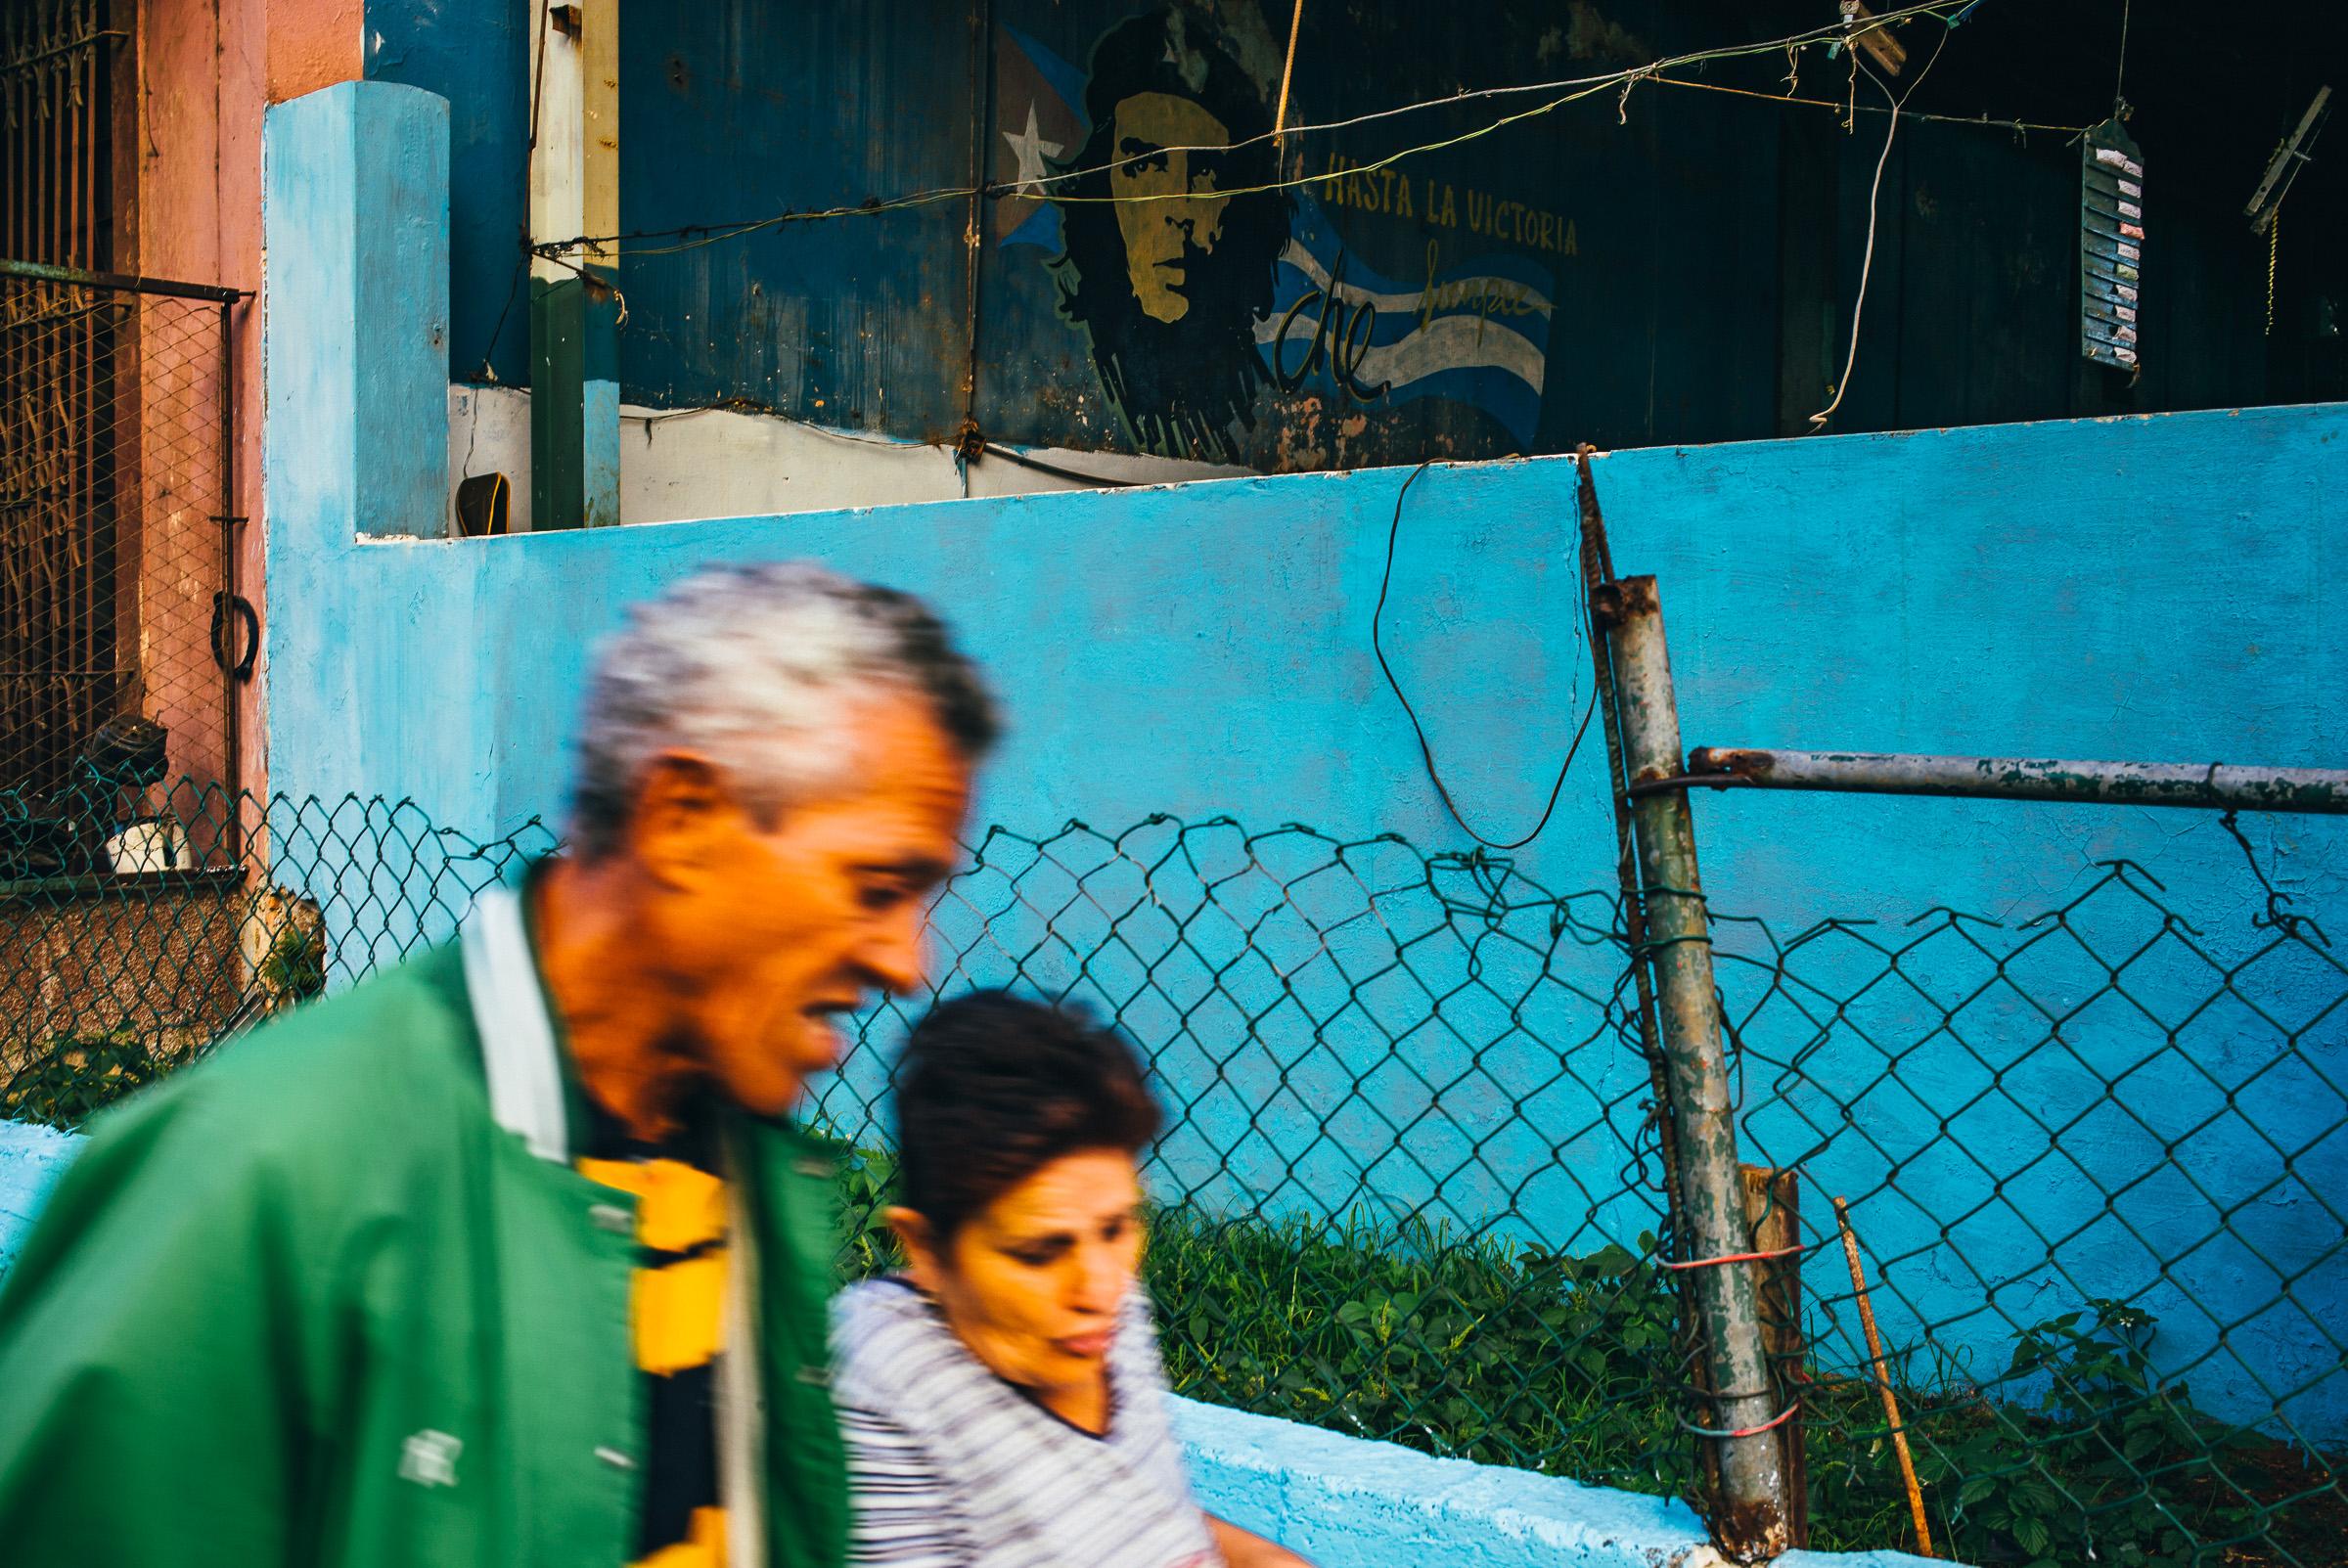 brandon_patoc_travel_photographer_in_havana_cuba_0012.jpg